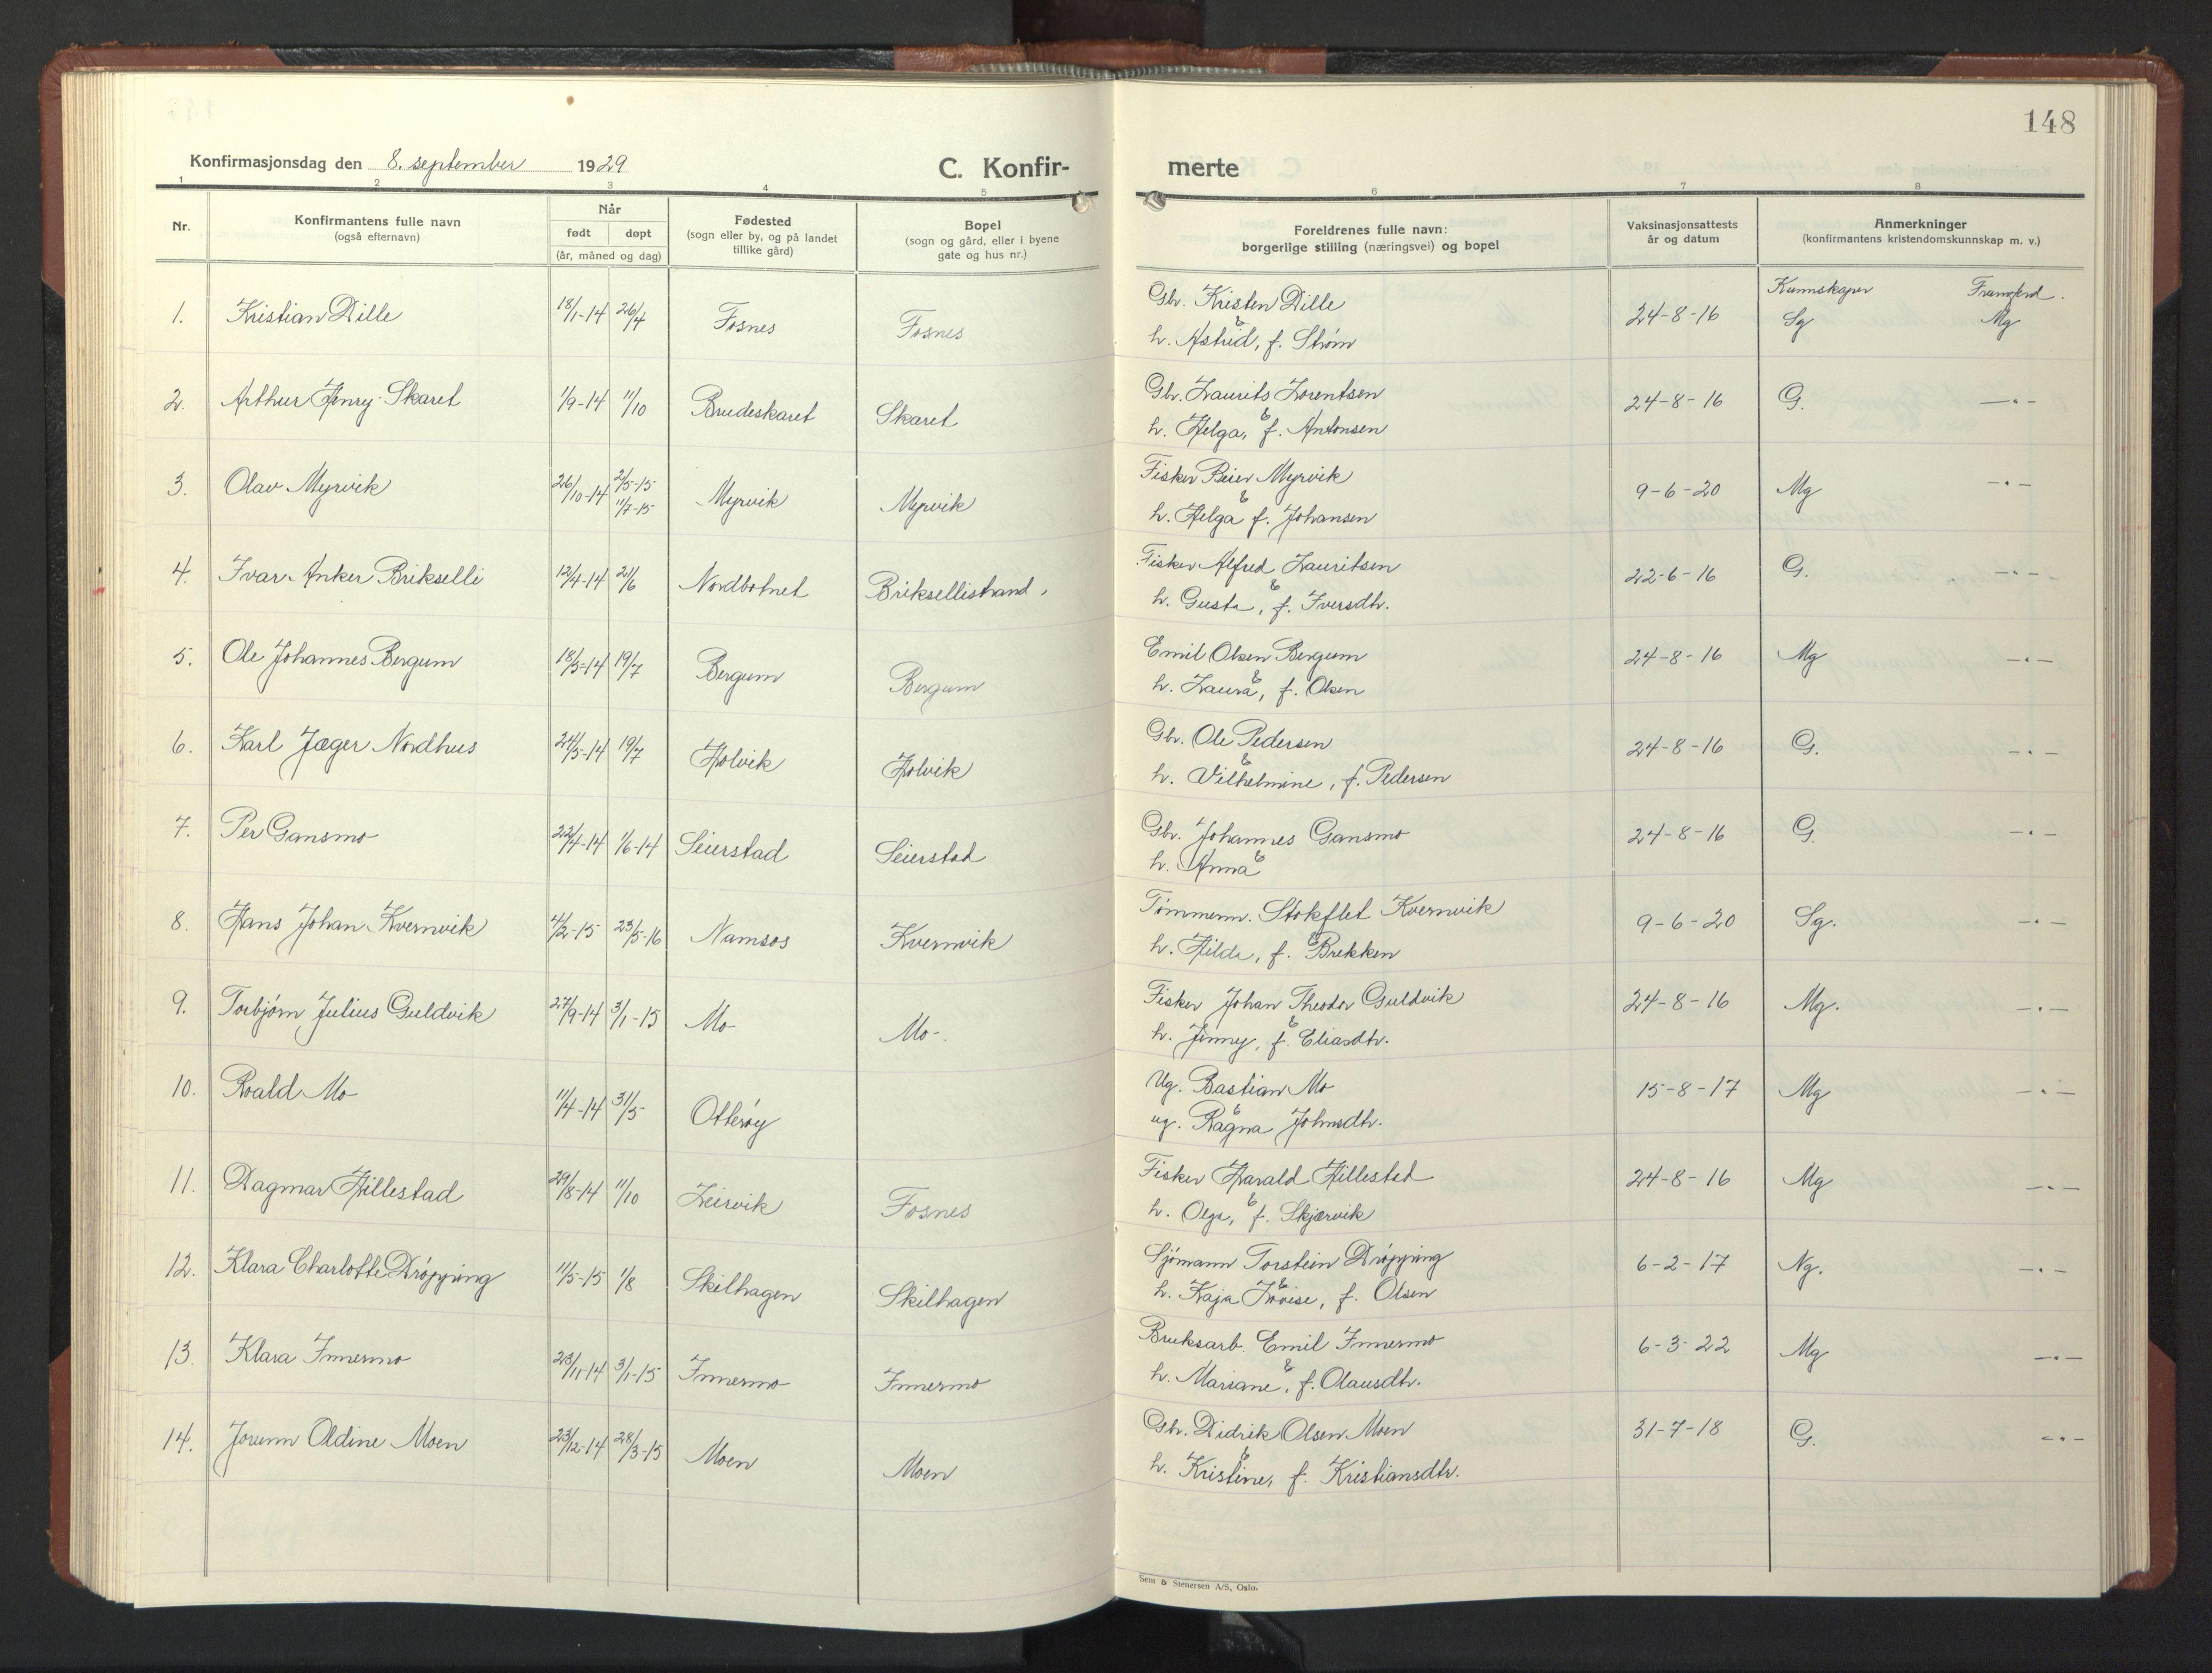 SAT, Ministerialprotokoller, klokkerbøker og fødselsregistre - Nord-Trøndelag, 773/L0625: Klokkerbok nr. 773C01, 1910-1952, s. 148